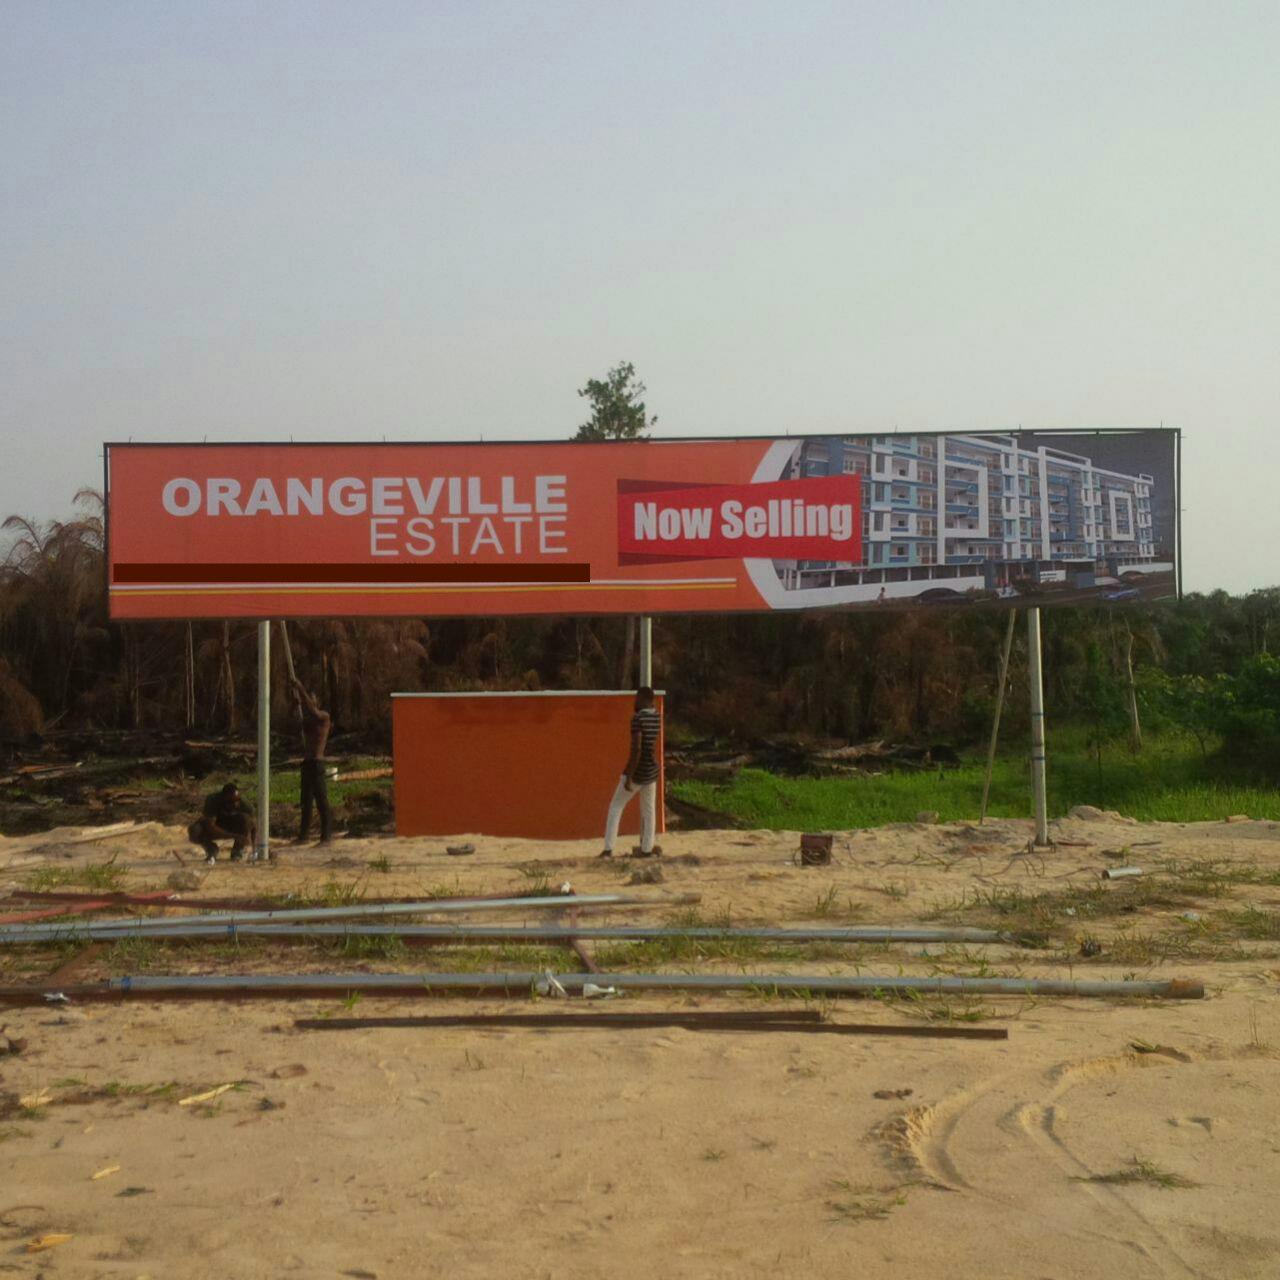 Orangevill estate Ajah pictures